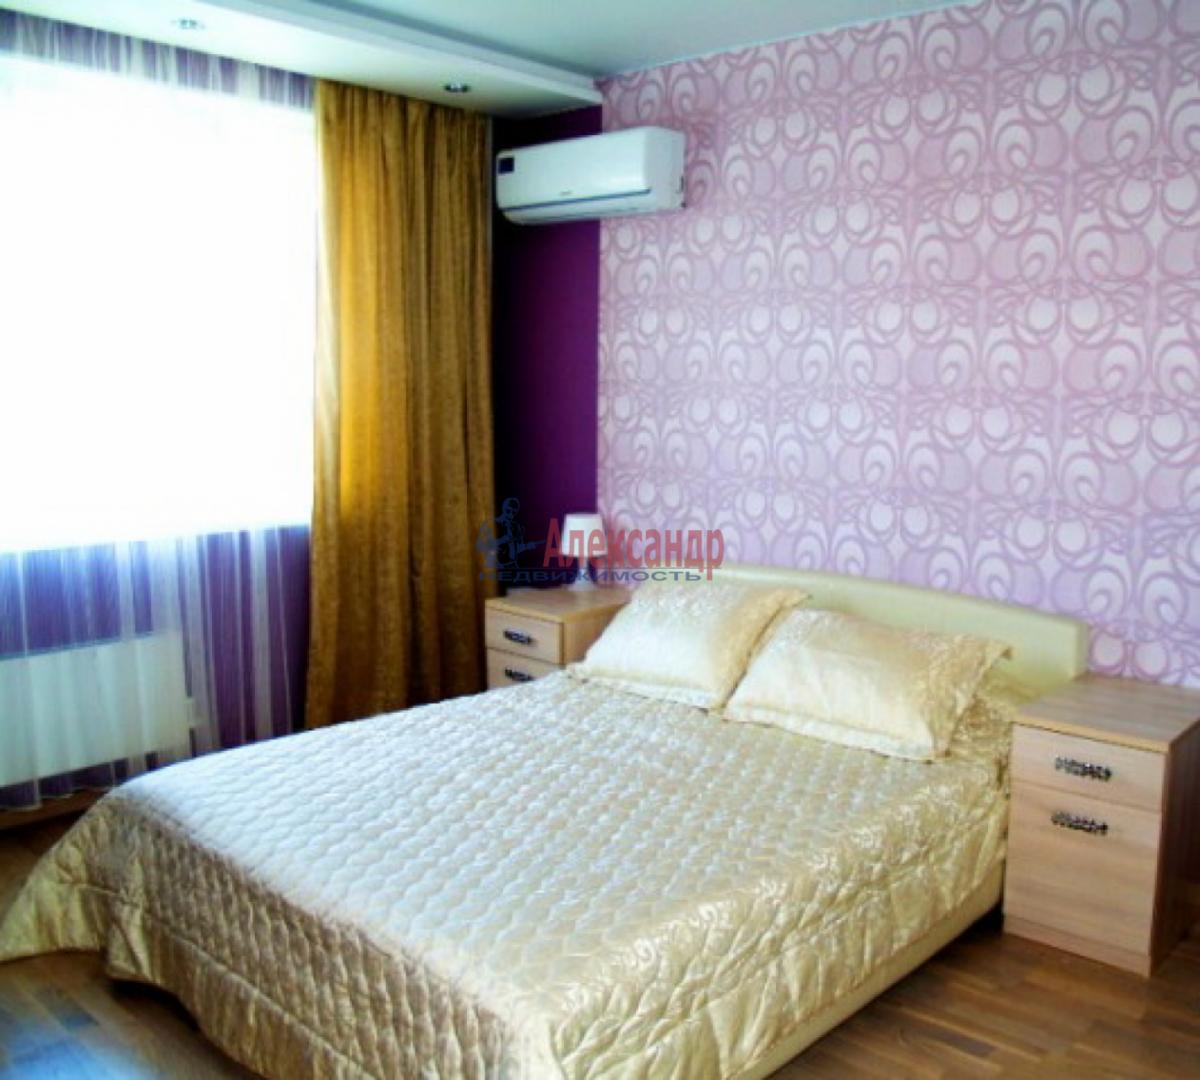 1-комнатная квартира (38м2) в аренду по адресу Подводника Кузьмина ул., 17— фото 1 из 3